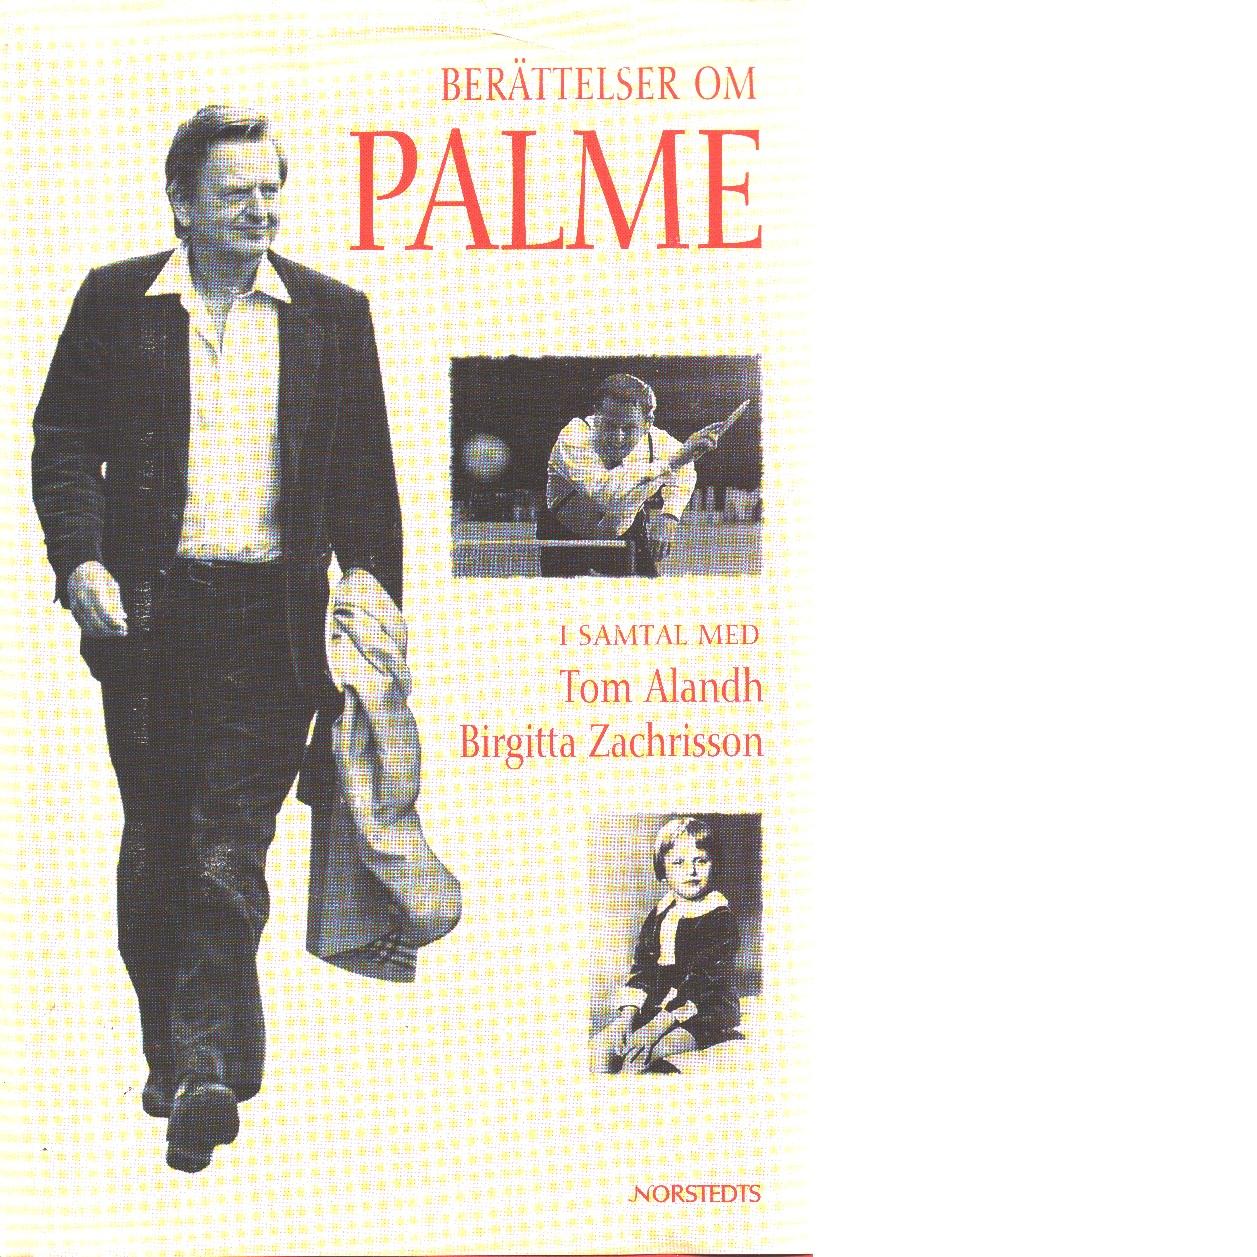 Berättelser om Palme / i samtal med Tom Alandh, Birgitta Zachrisson - Red.